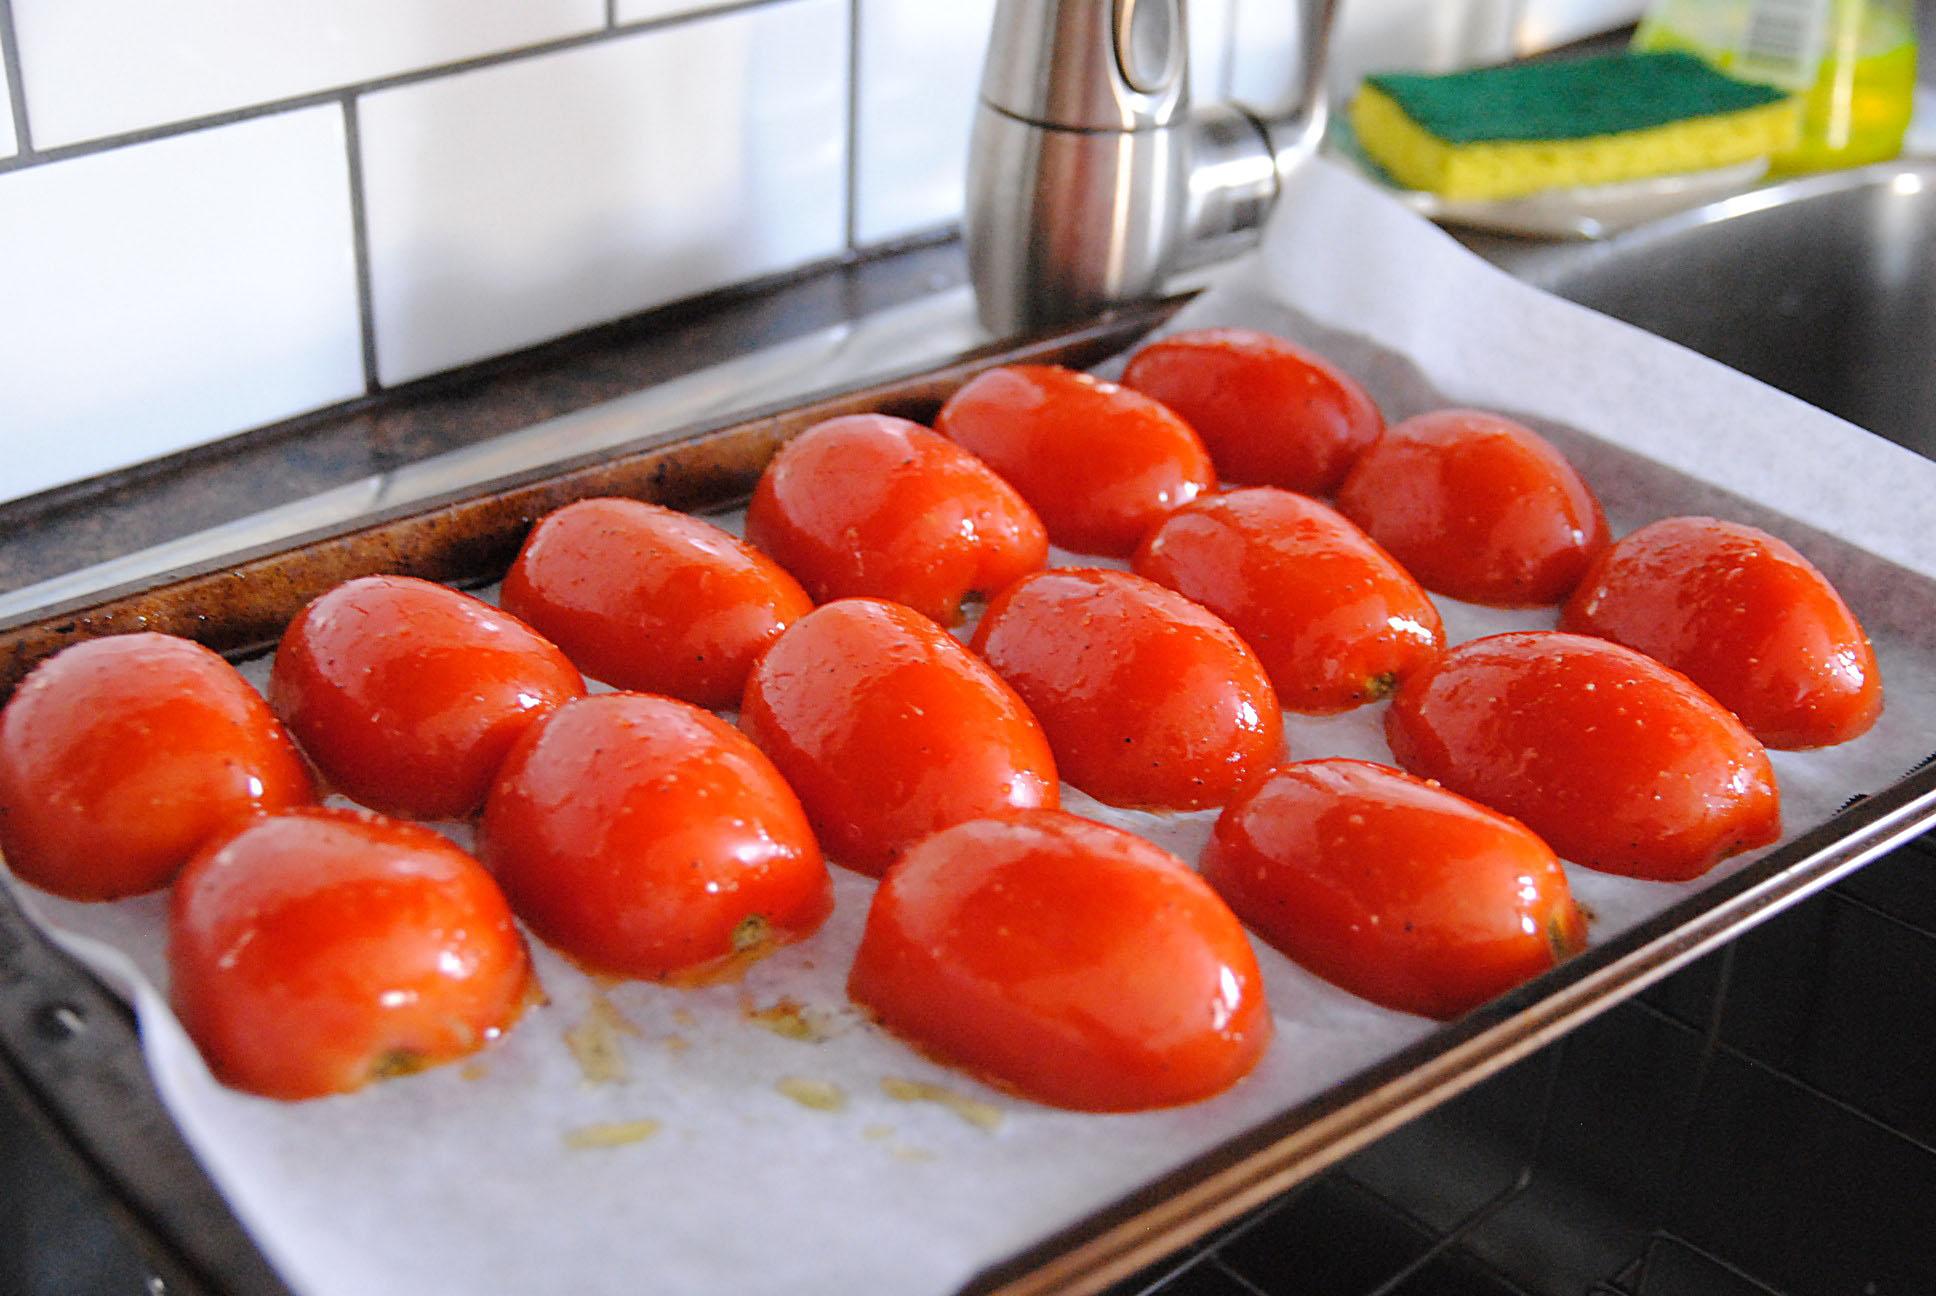 ... week of make-ahead meals: Day 2 Roasted Eggplant Stew | Soph n' Stuff